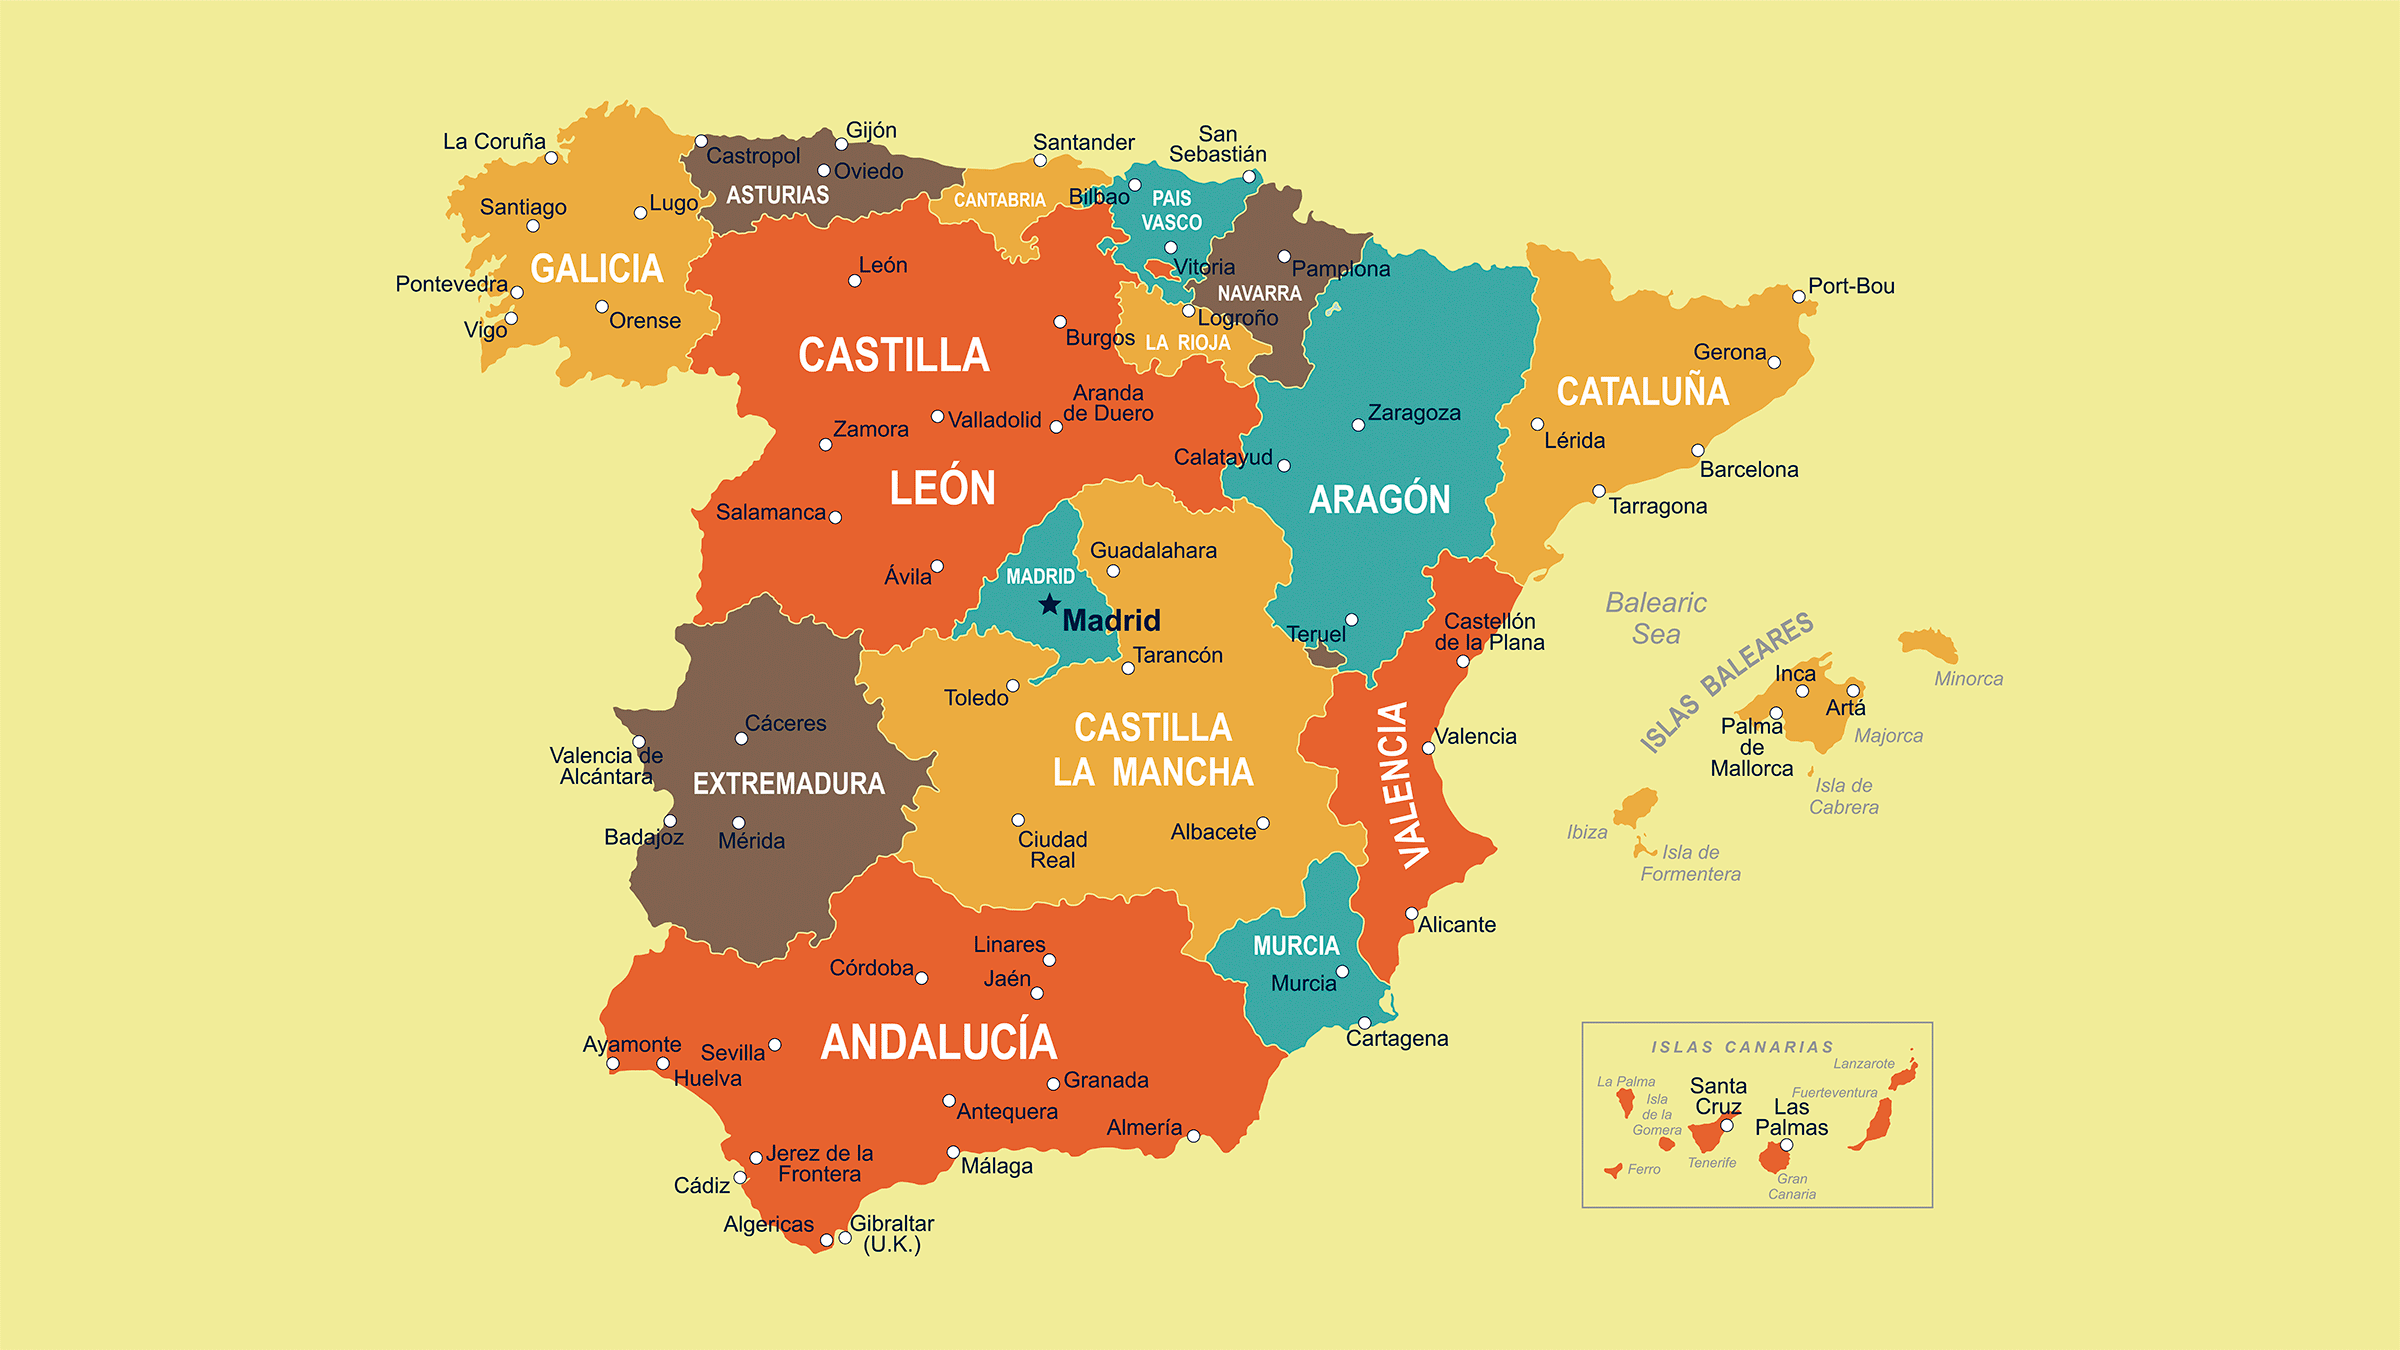 Mapa España Comunidades Autonomas Png.Mapa De La Division De Espana En Comunidades Autonomas